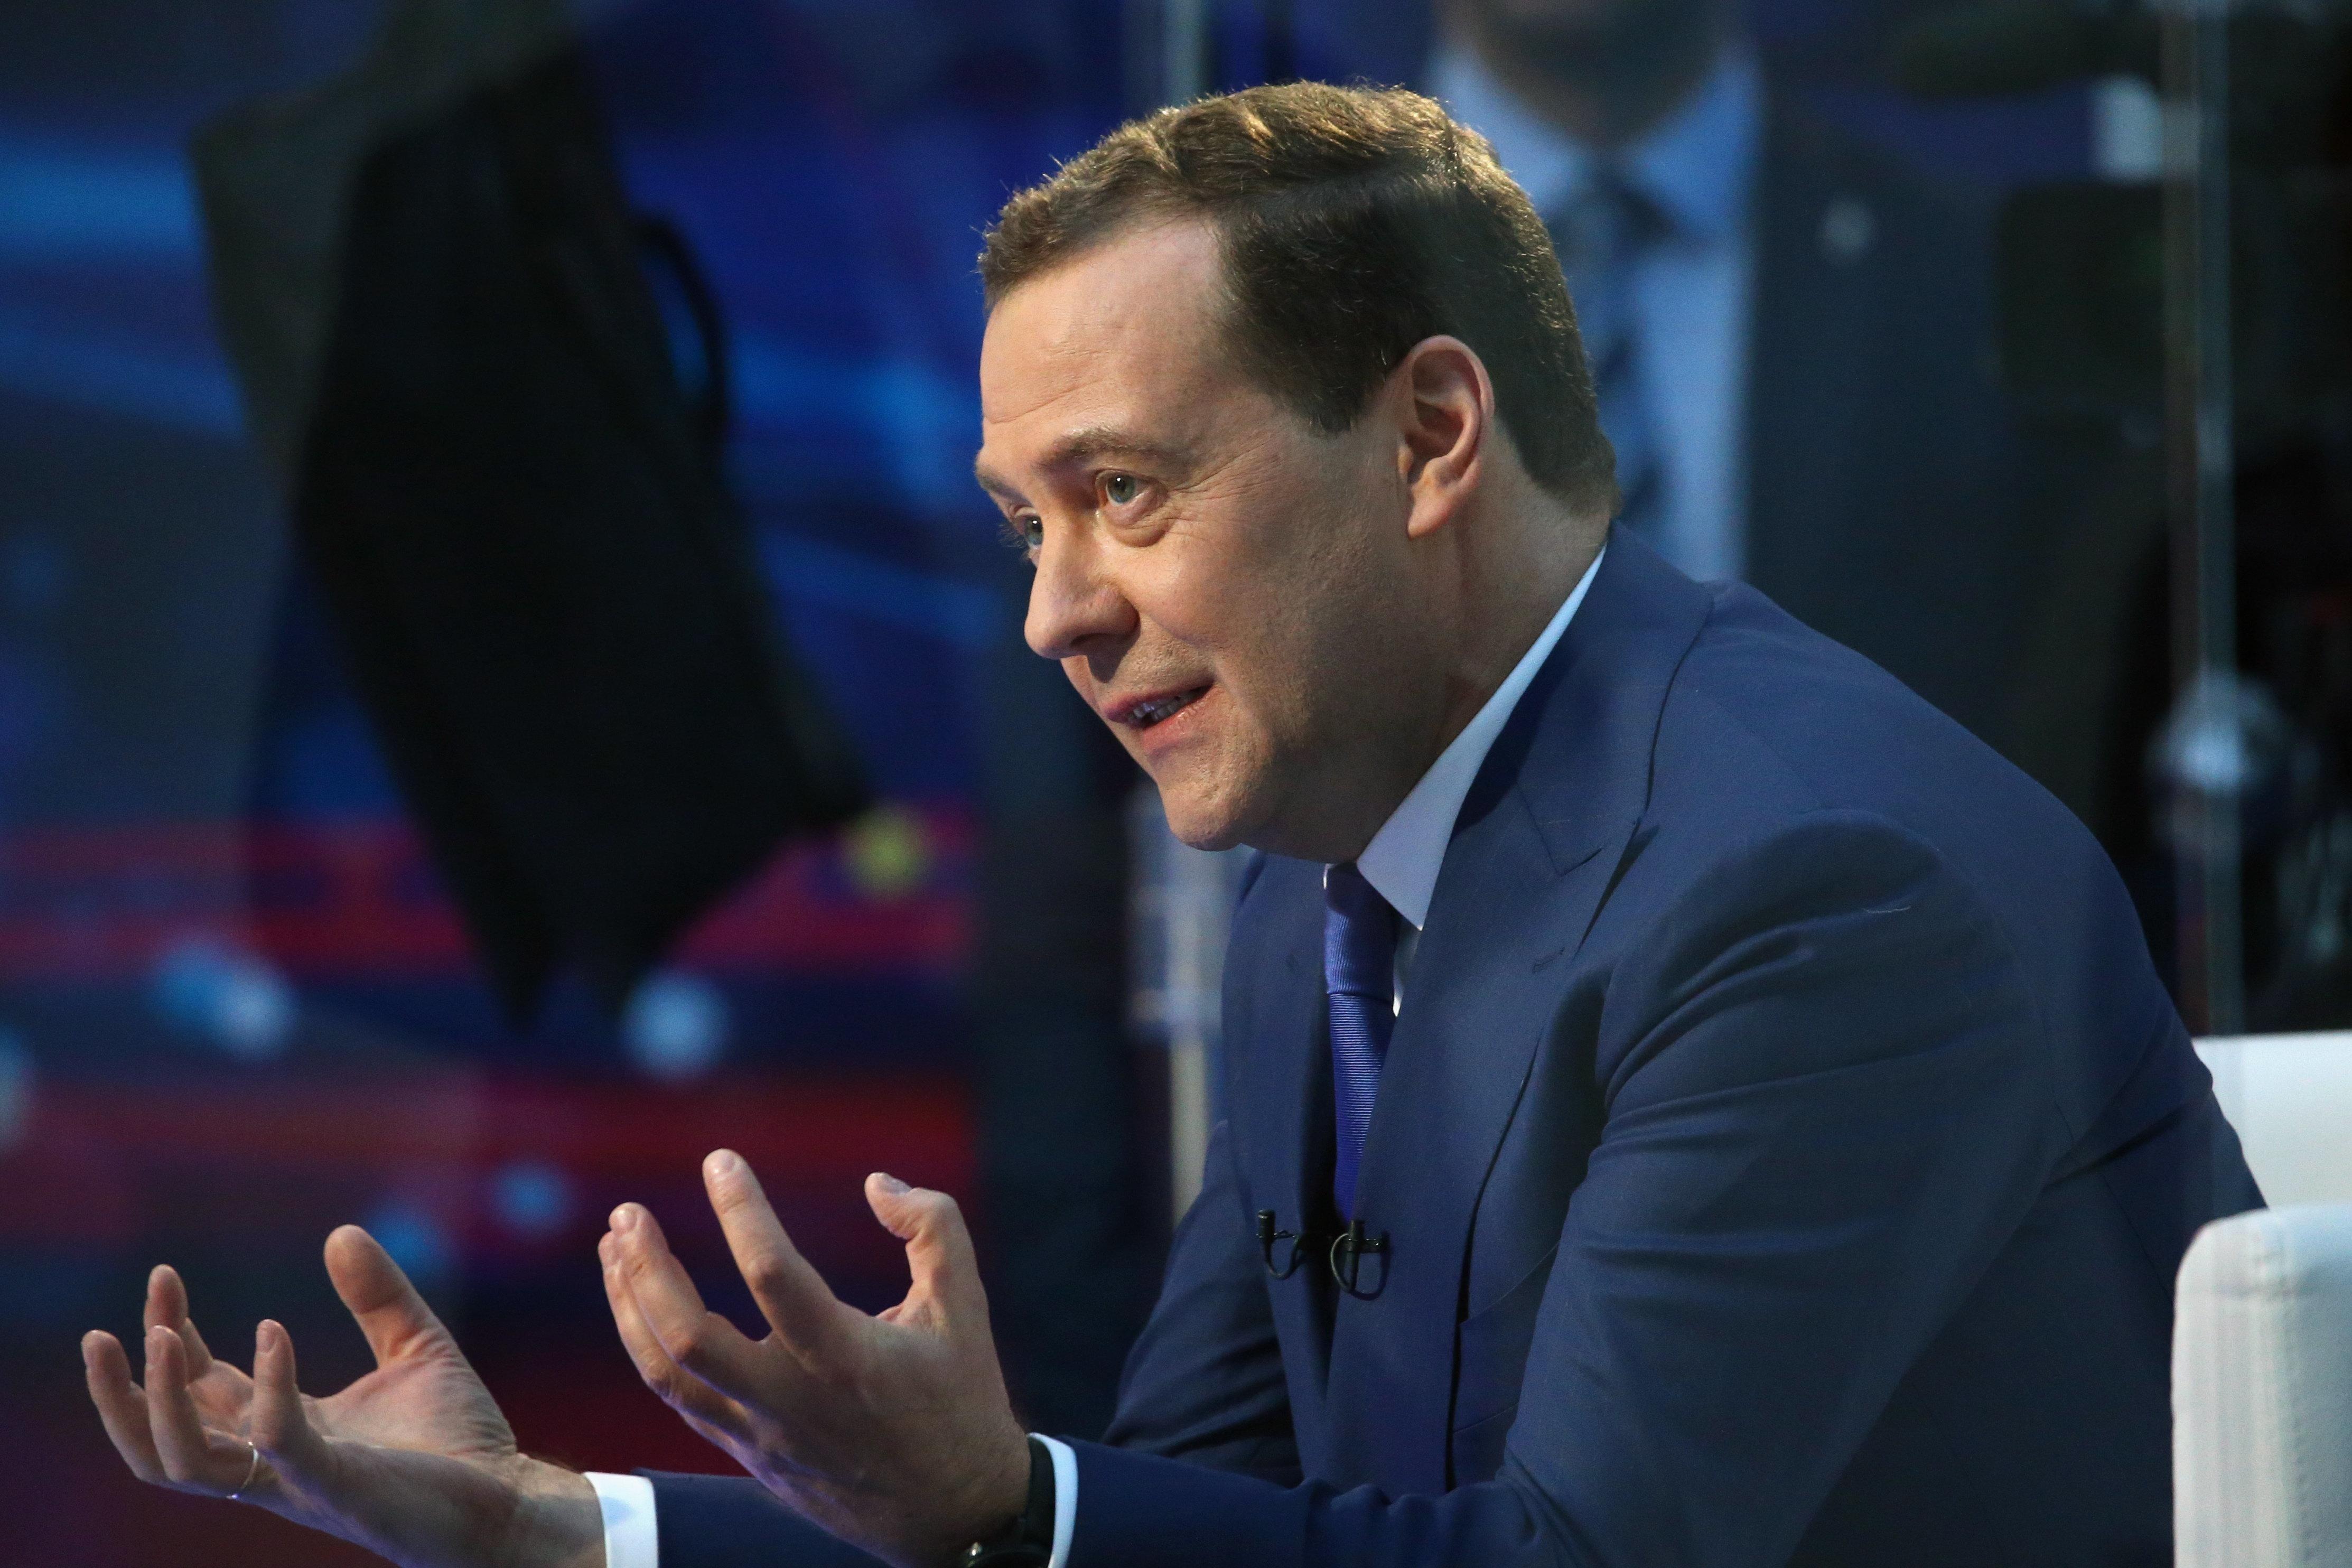 Σκέψεις να καταστεί ποινικό αδίκημα για τους Ρώσους η τήρηση των κυρώσεων των ΗΠΑ. Υποστηρικτής της ιδέας ο